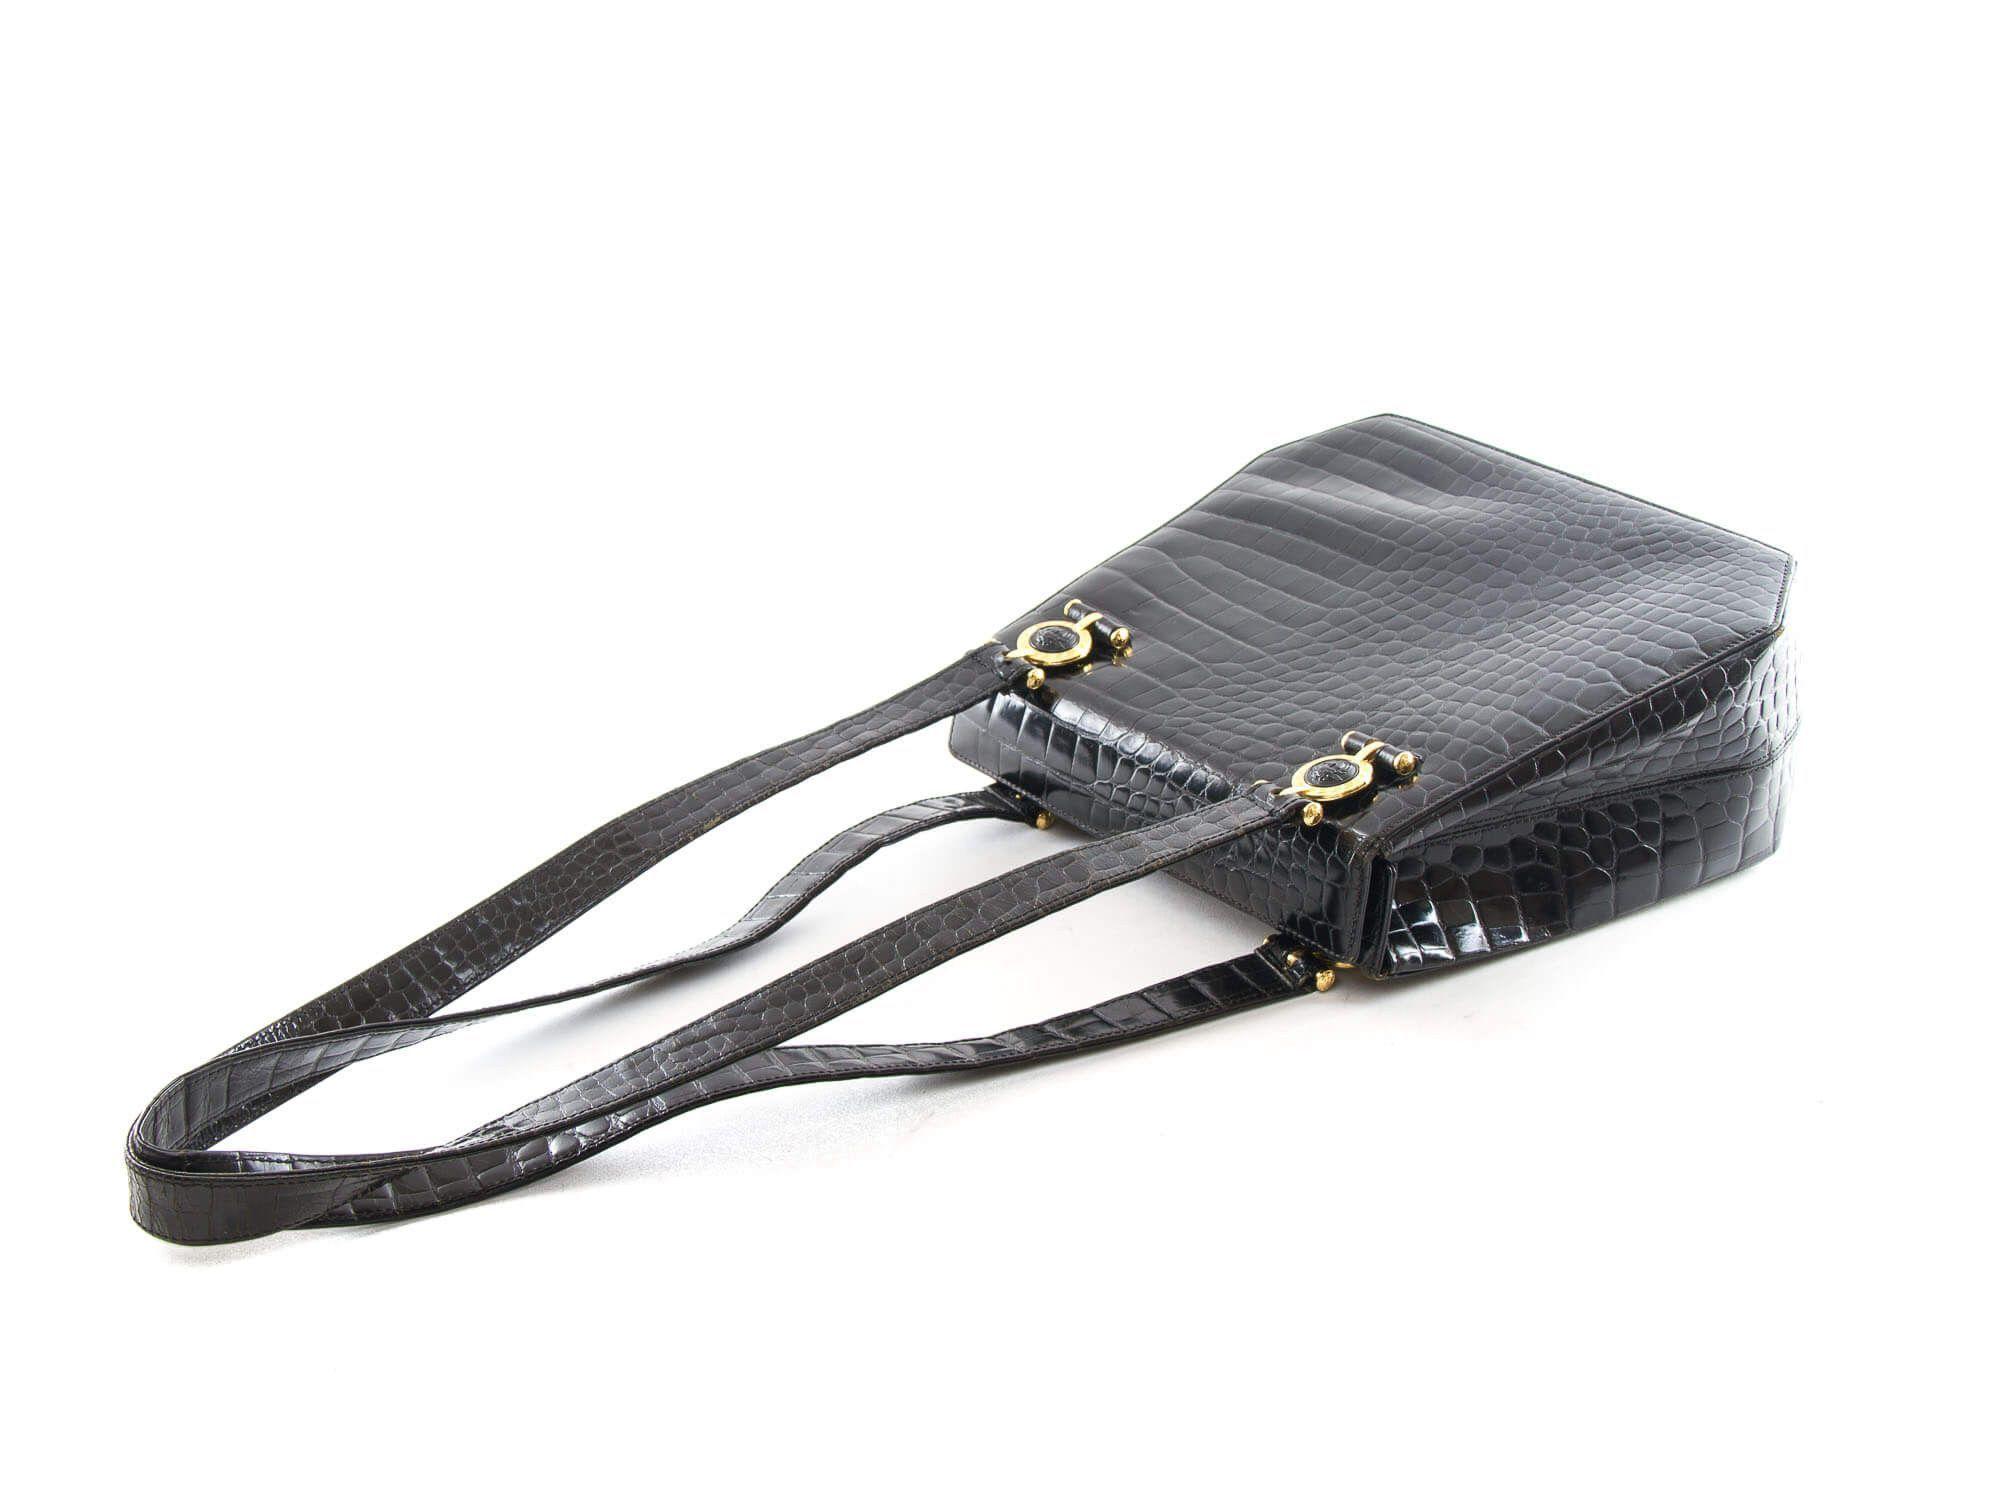 1d11904315 Authentic Gianni Versace medusa logo Black Croc shoulder bag